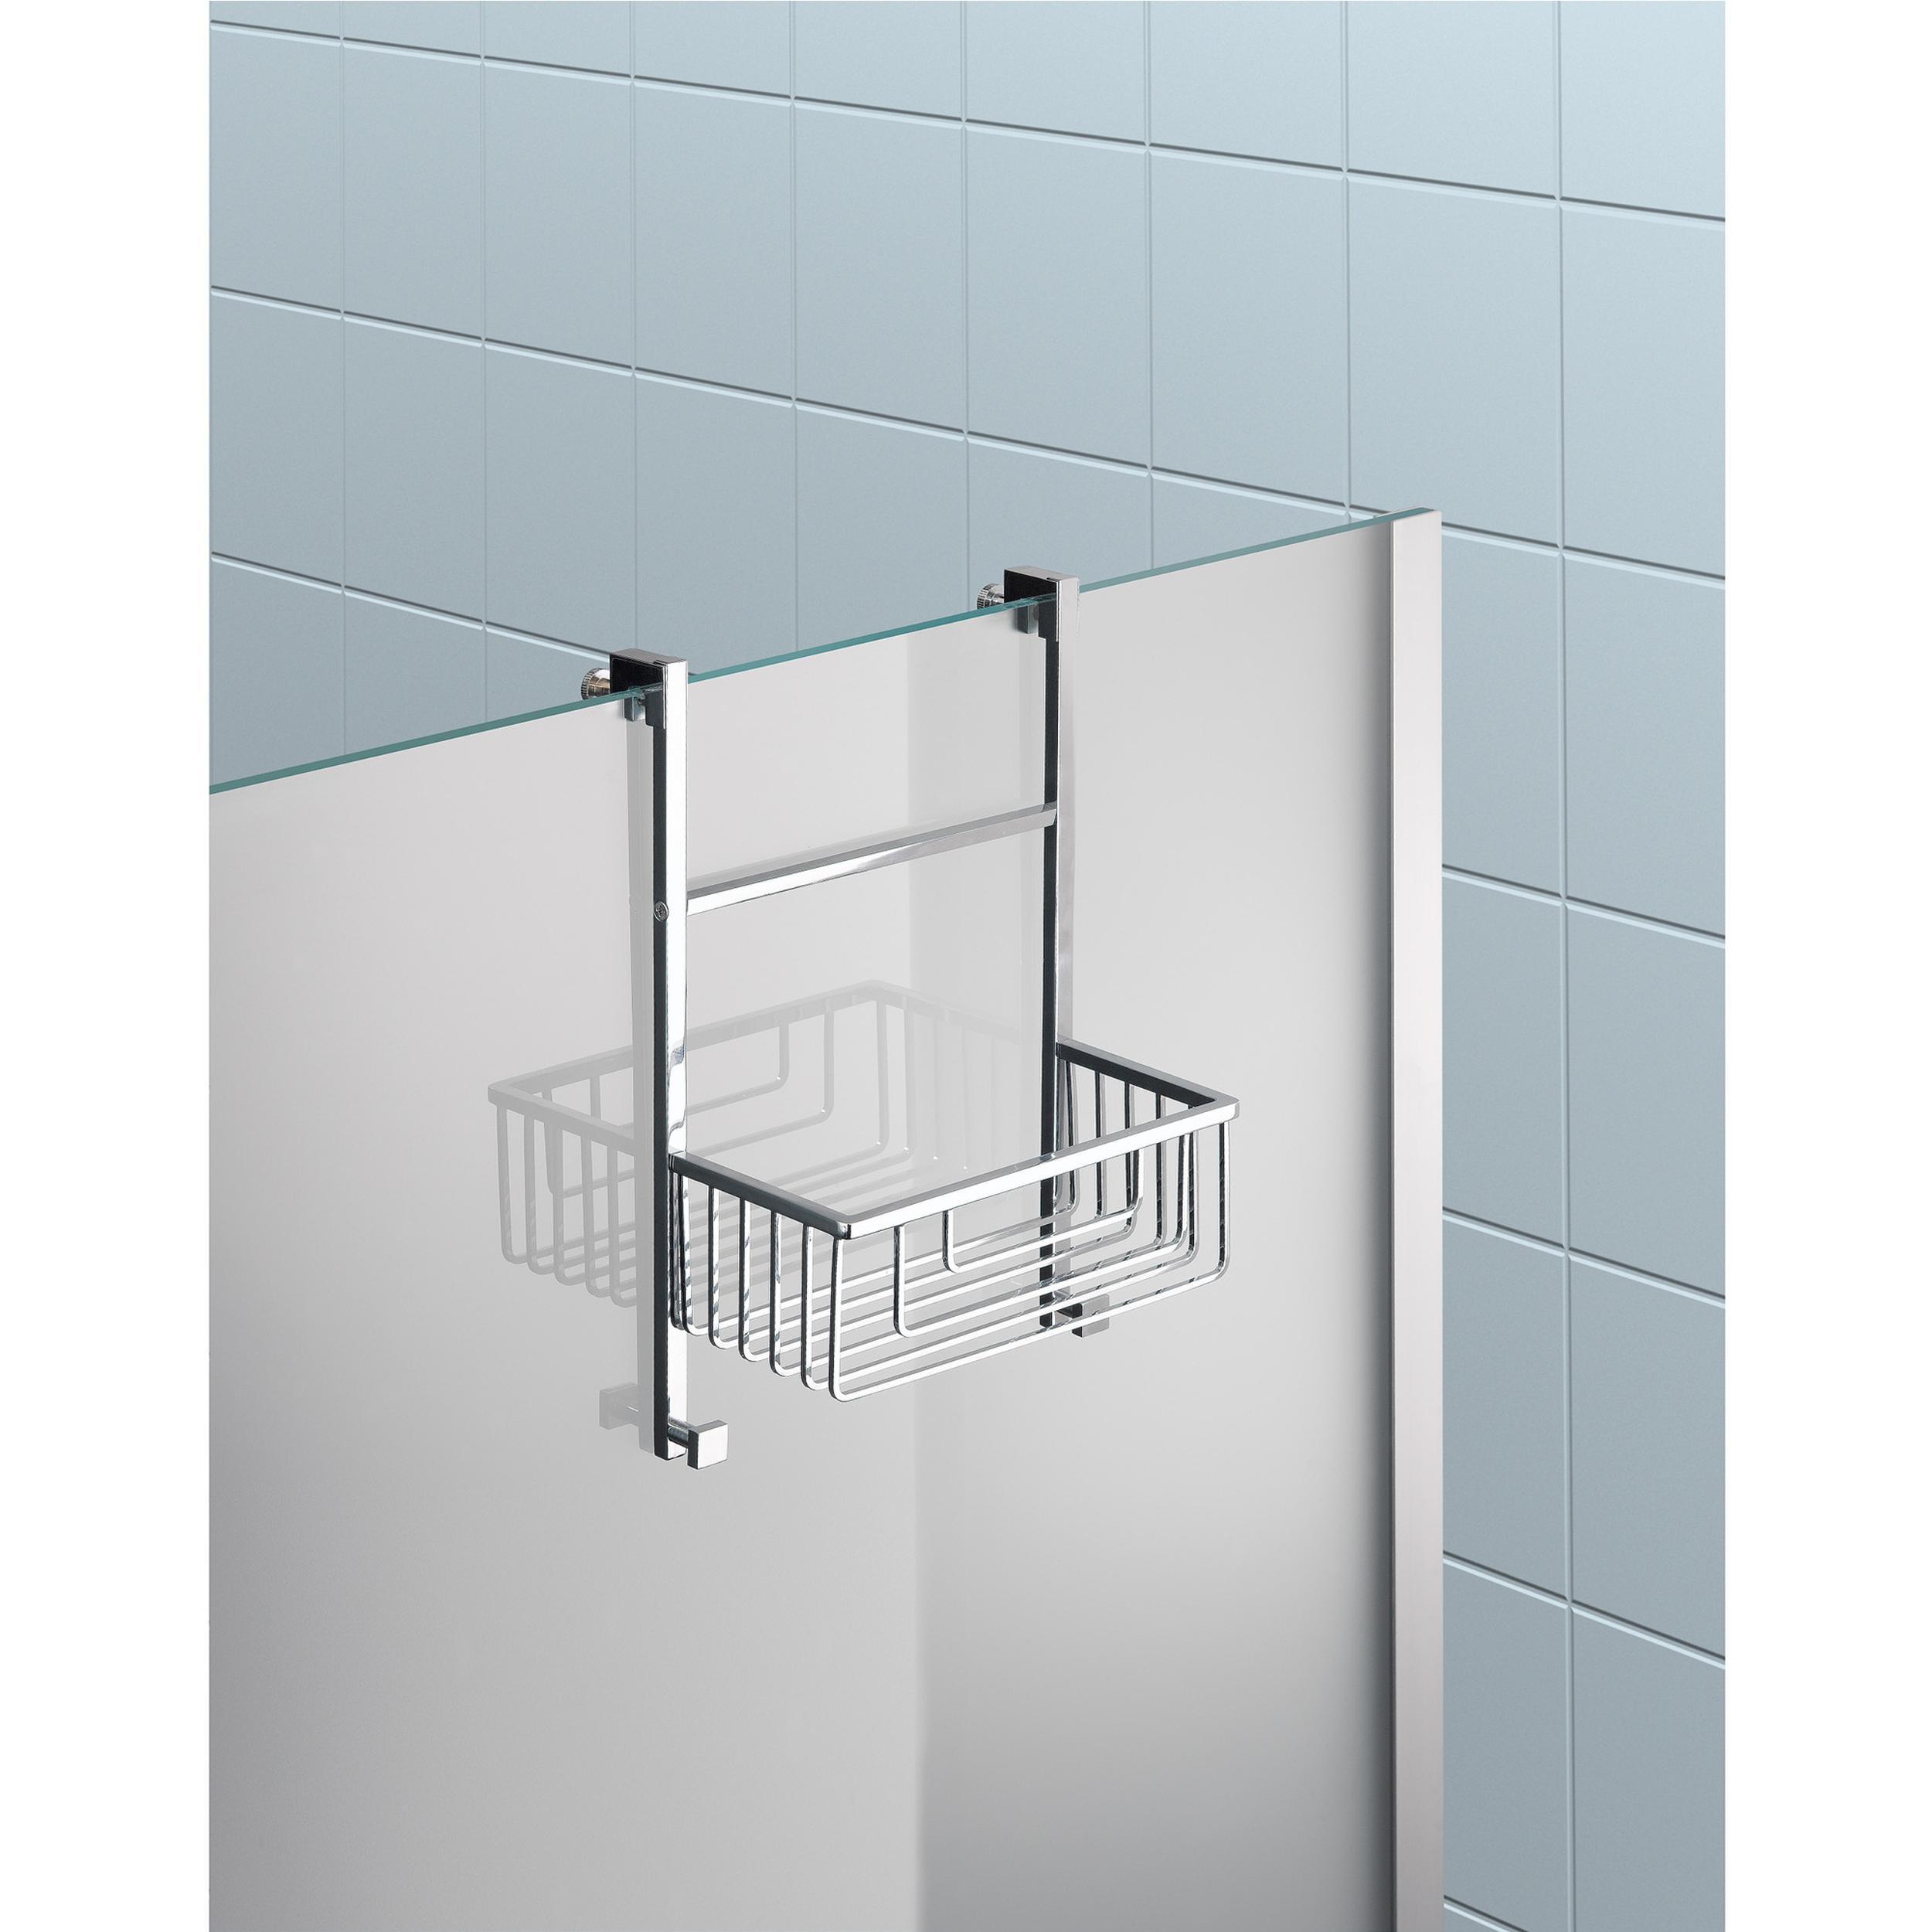 Accessori Per Box Doccia In Vetro.Mensola Doccia Un Piano Fissaggio A Vetro Box Doccia 20x14xh42cm